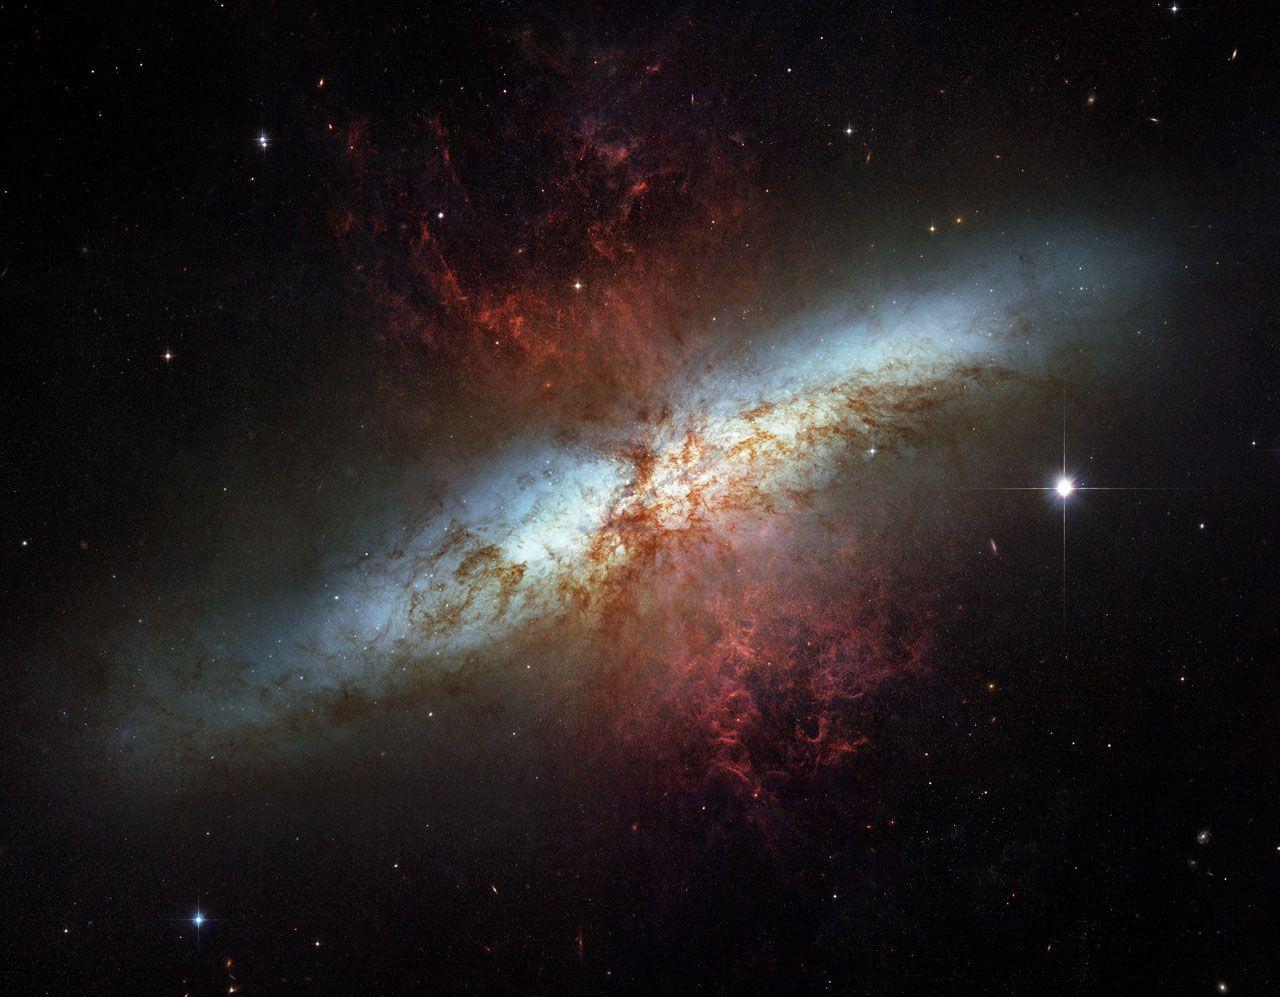 Messier 82 A Star Burst Galaxy Nature Lives Pinterest